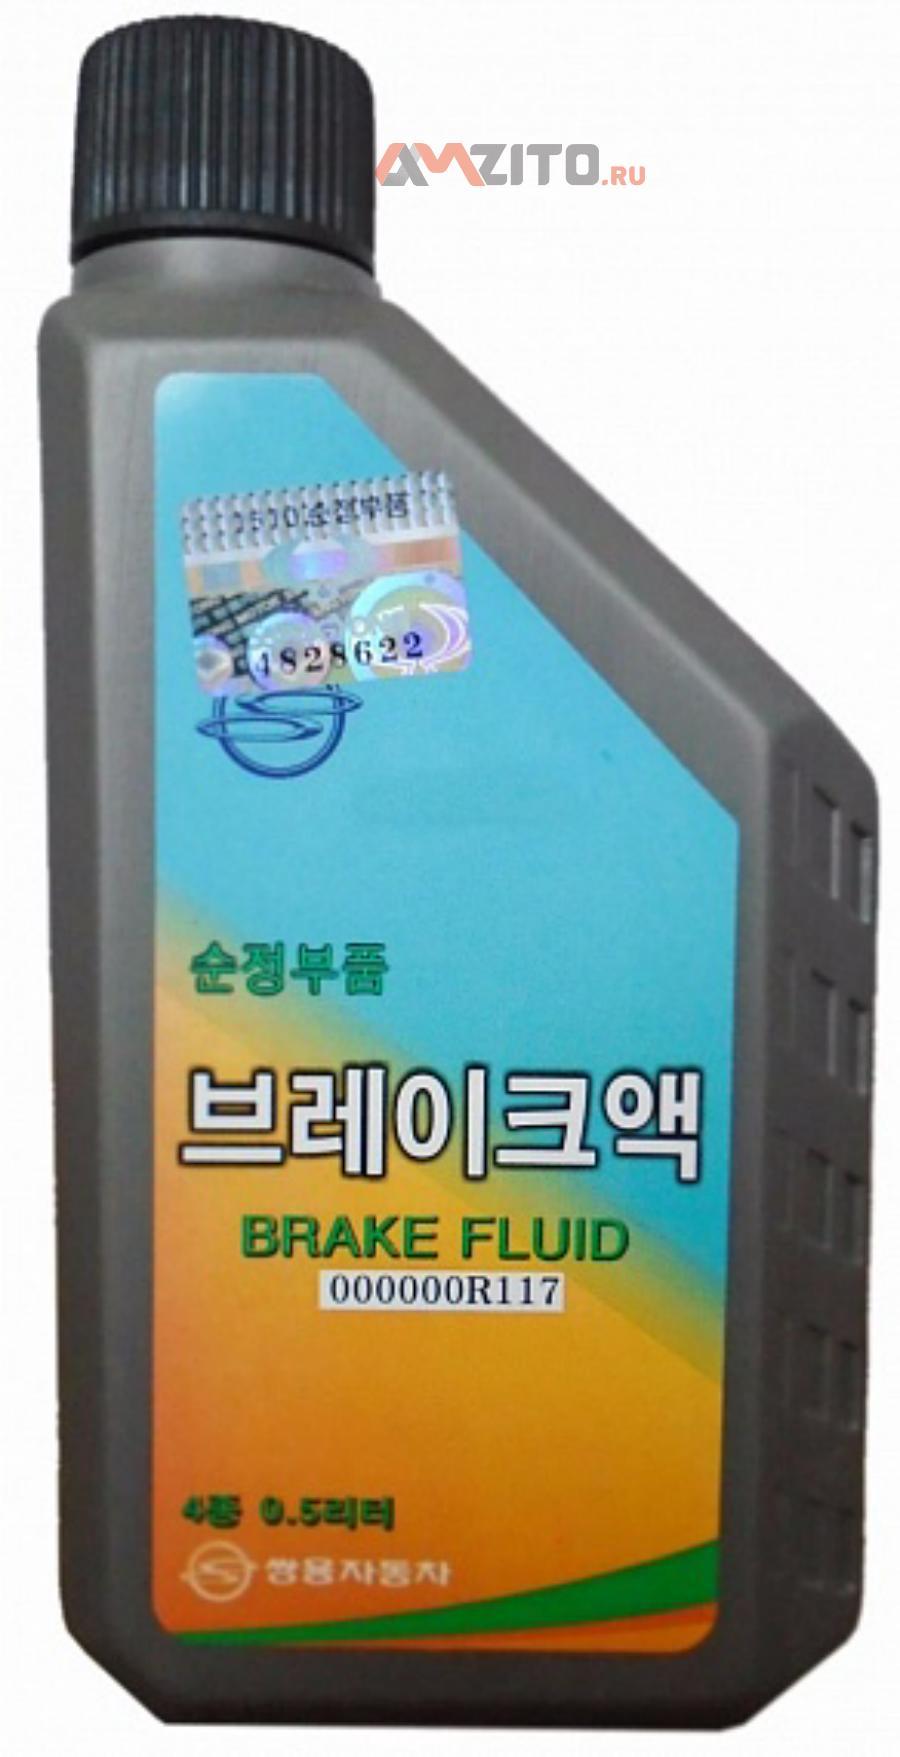 Тормозная жидкость SSANGYONG DOT-4 Brake Fluid